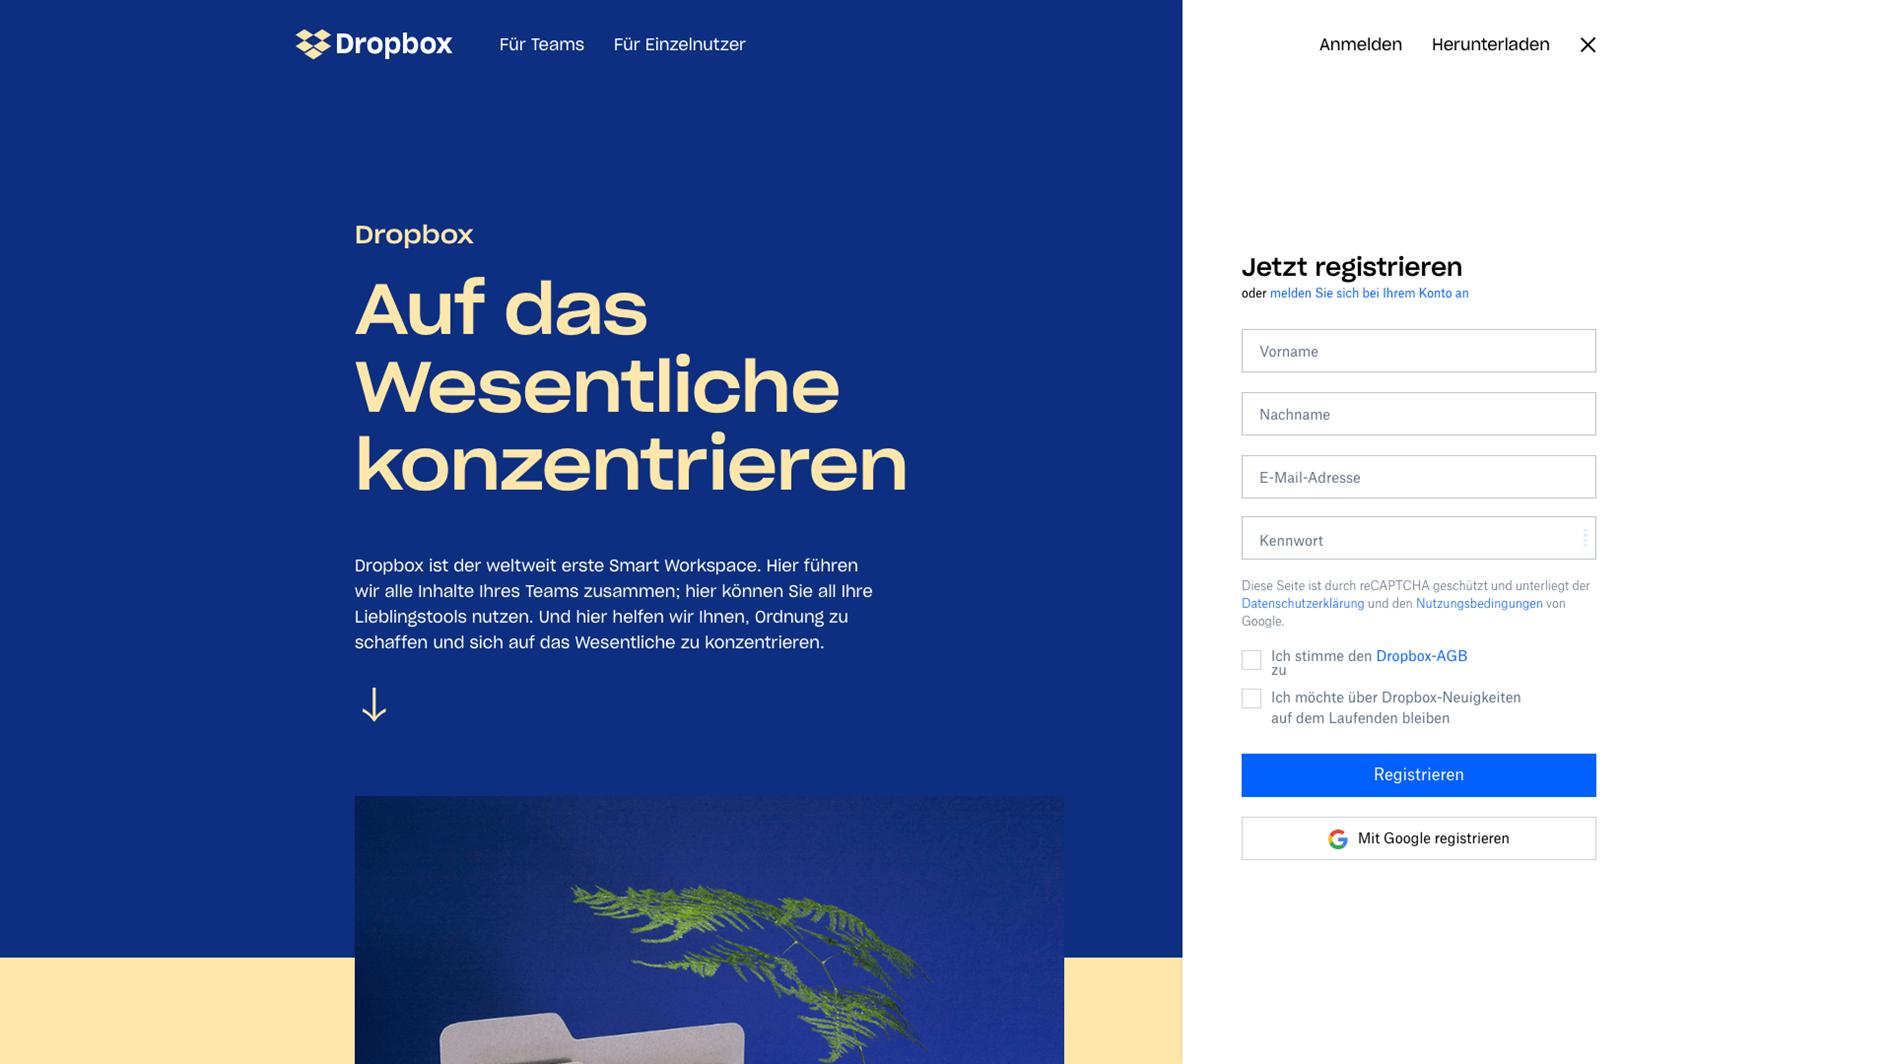 Startseite von Dropbox mit Anmeldemaske im Split Screen Design